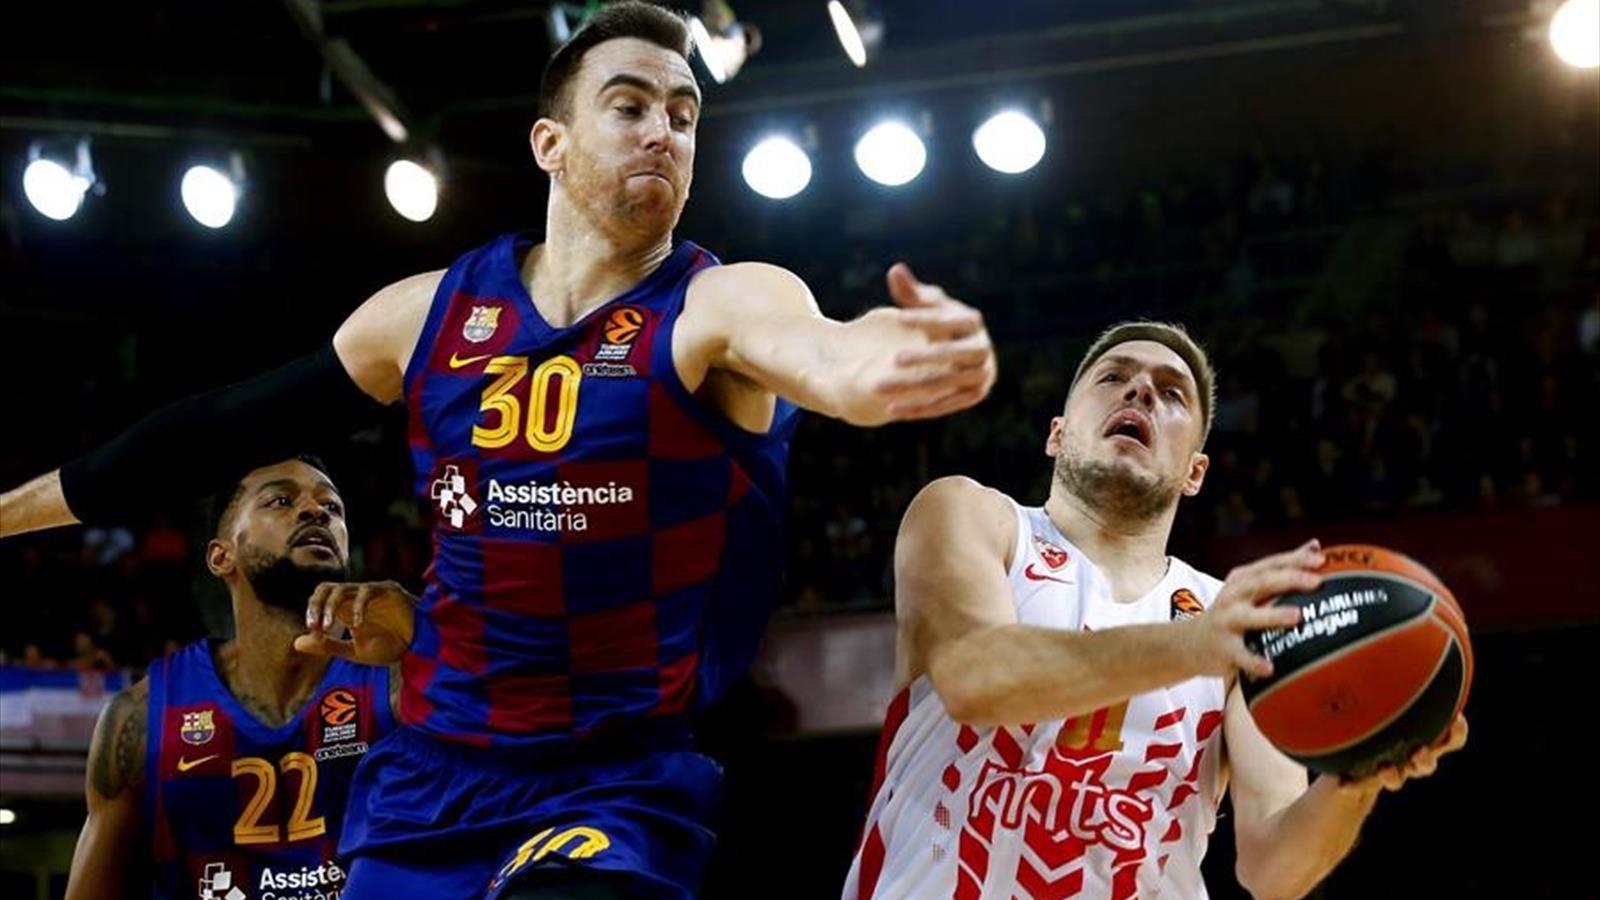 Victoria del FC Barcelona que iguala al Real Madrid en la tabla. Baskonia se acerca al Playoff en el que se mantiene Valencia Basket pese a la derrota